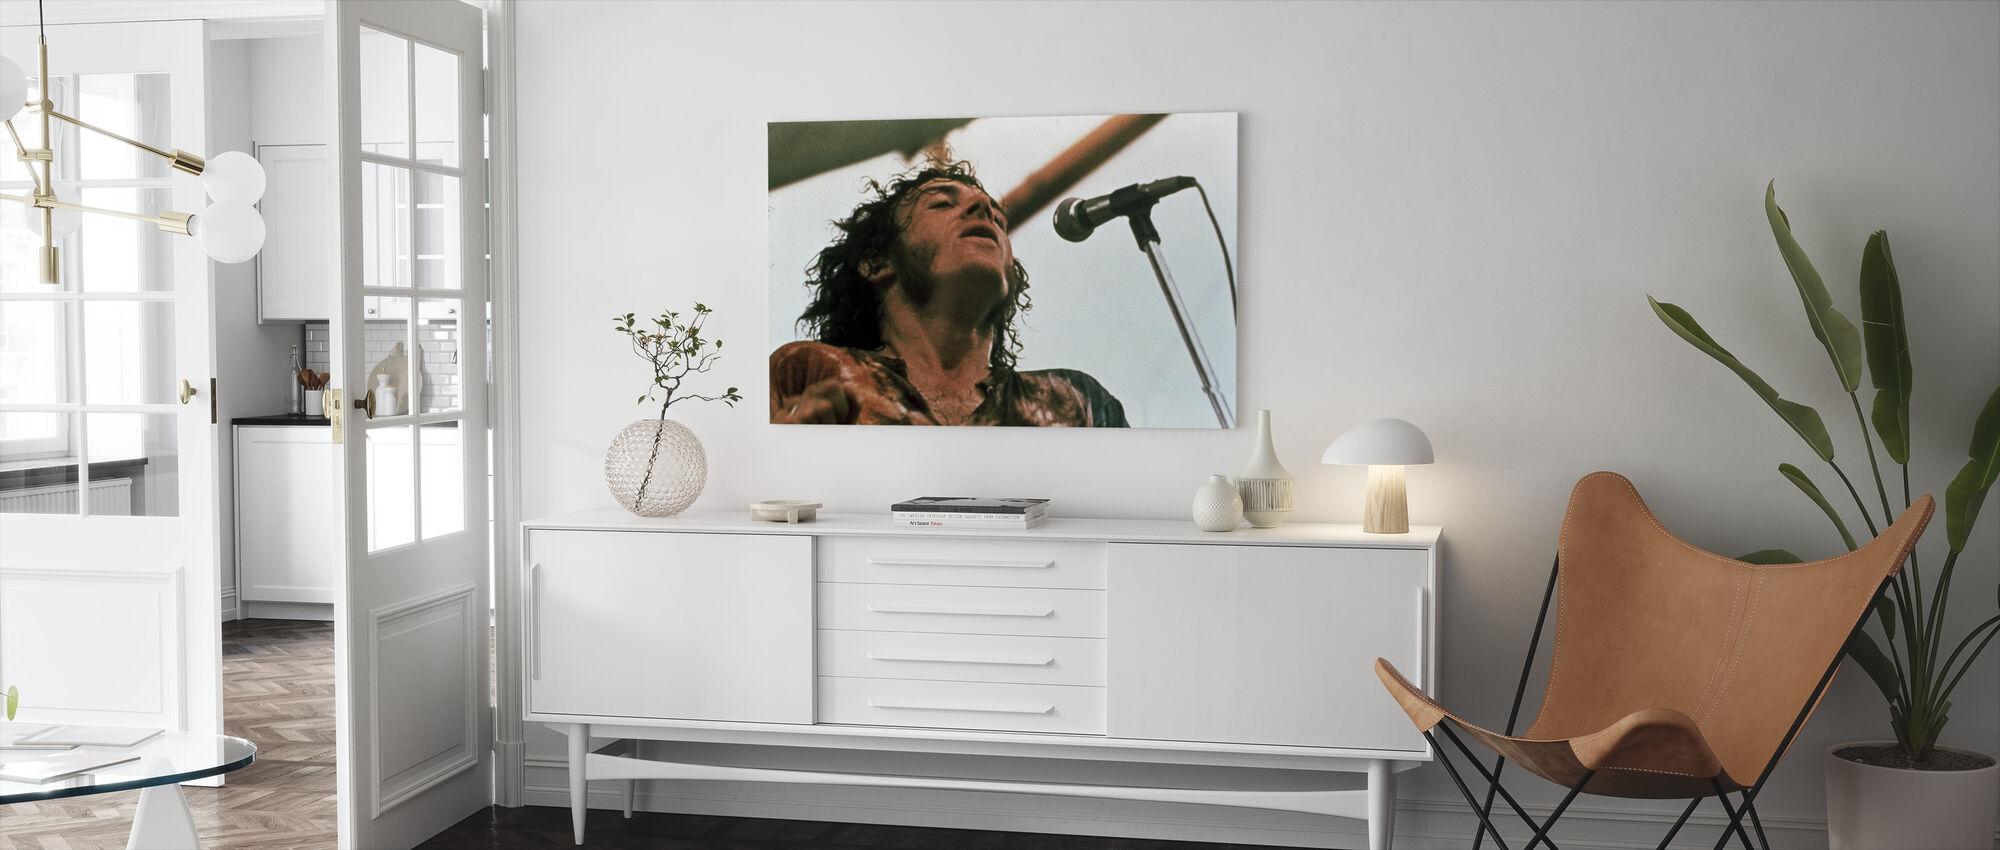 Woodstock Bühne 1970 - Leinwandbild - Wohnzimmer